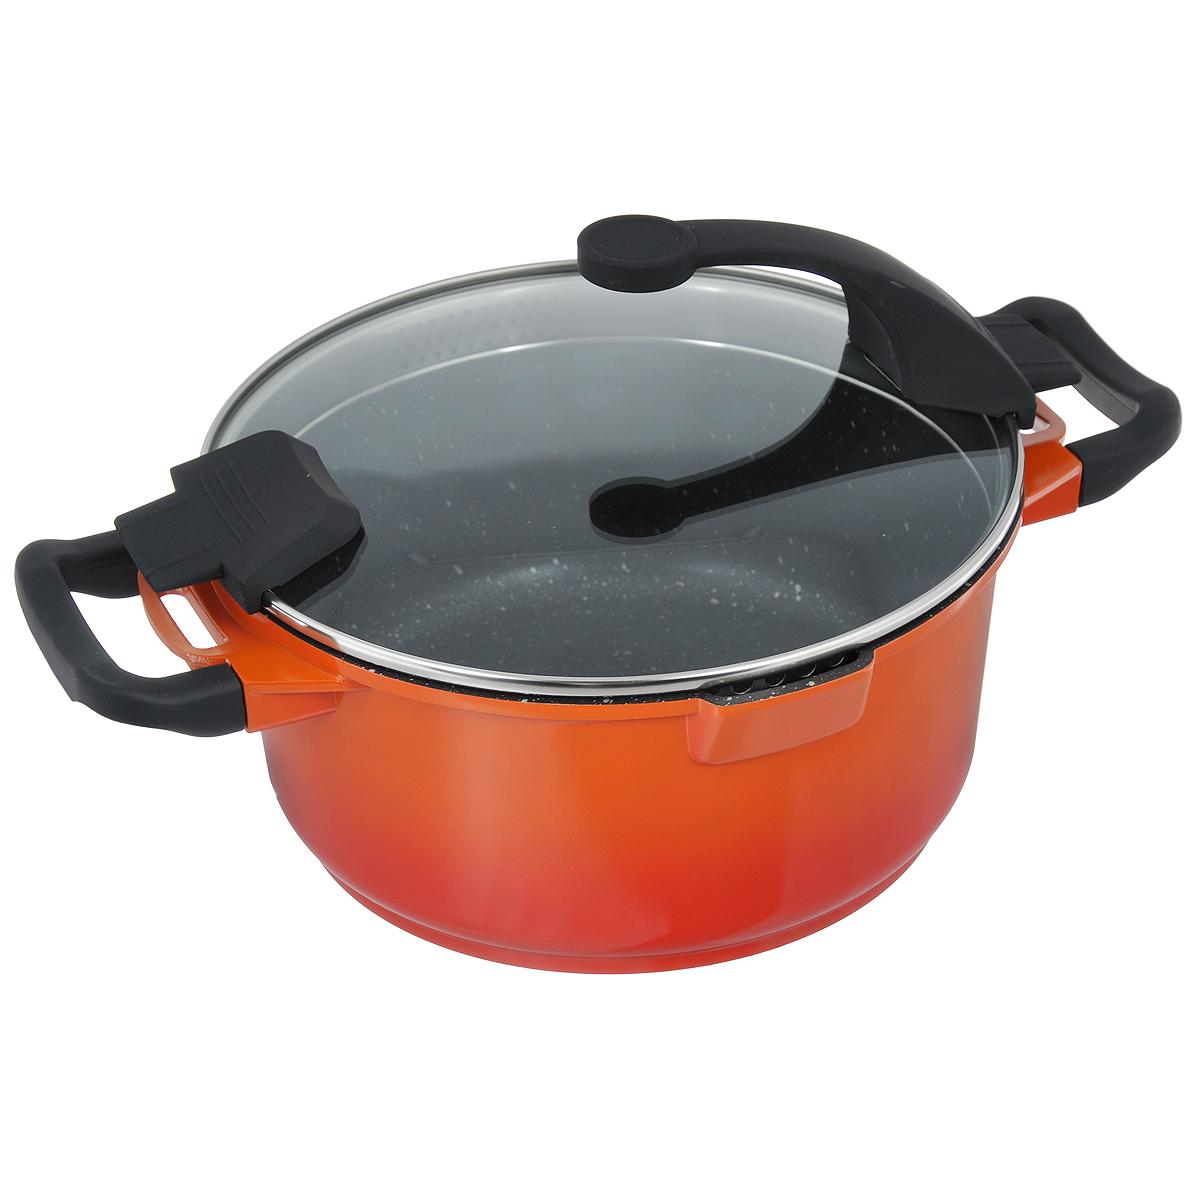 Кастрюля BergHOFF Virgo Orange с крышкой, с антипригарным покрытием, цвет: оранжево-красный, 4,6 л22337Кастрюля BergHOFF Virgo изготовлена из литого алюминия, который имеет эффект чугунной посуды. В отличие от чугуна, посуда из алюминия легче по весу и быстро нагревается, что гарантирует сбережение энергии. Внутреннее покрытие - экологически безопасное антипригарное покрытие Ferno Green, которое не содержит ни свинца, ни кадмия. Антипригарные свойства посуды позволяют готовить без жира и подсолнечного масла или с его малым количеством. Ручки выполнены из бакелита с покрытием Soft-touch, они имеют комфортную эргономичную форму и не нагреваются в процессе эксплуатации. Крышка изготовлена из термостойкого стекла, благодаря чему можно наблюдать за ингредиентами в процессе приготовления. Широкий металлический обод со специальными отверстиями разного диаметра позволяет выливать жидкость, не снимая крышку. Подходит для всех типов плит, включая индукционные. Рекомендуется мыть вручную. Диаметр кастрюли (по верхнему краю): 24 см. Ширина кастрюли (с учетом ручек): 36 см.Высота стенки: 11,5 см. Толщина стенки: 3 мм. Толщина дна: 5 мм.